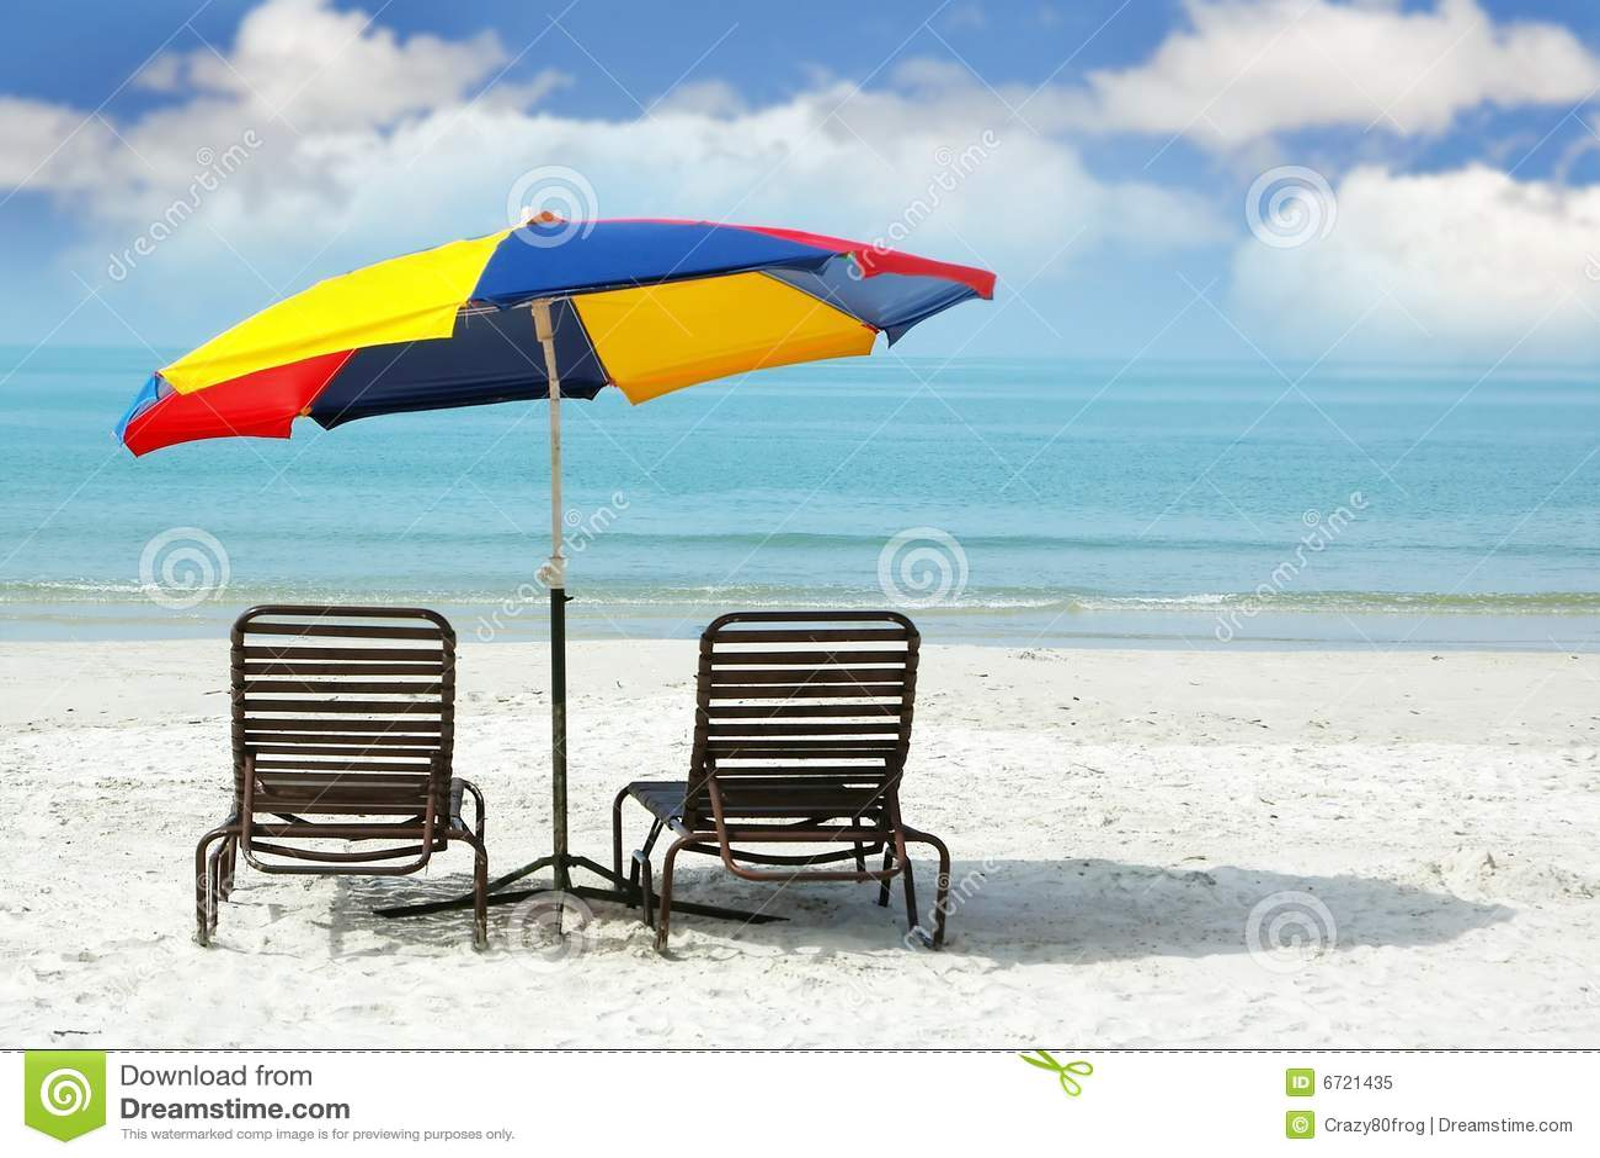 Beach chair and umbrella - Beach Sand Umbrella